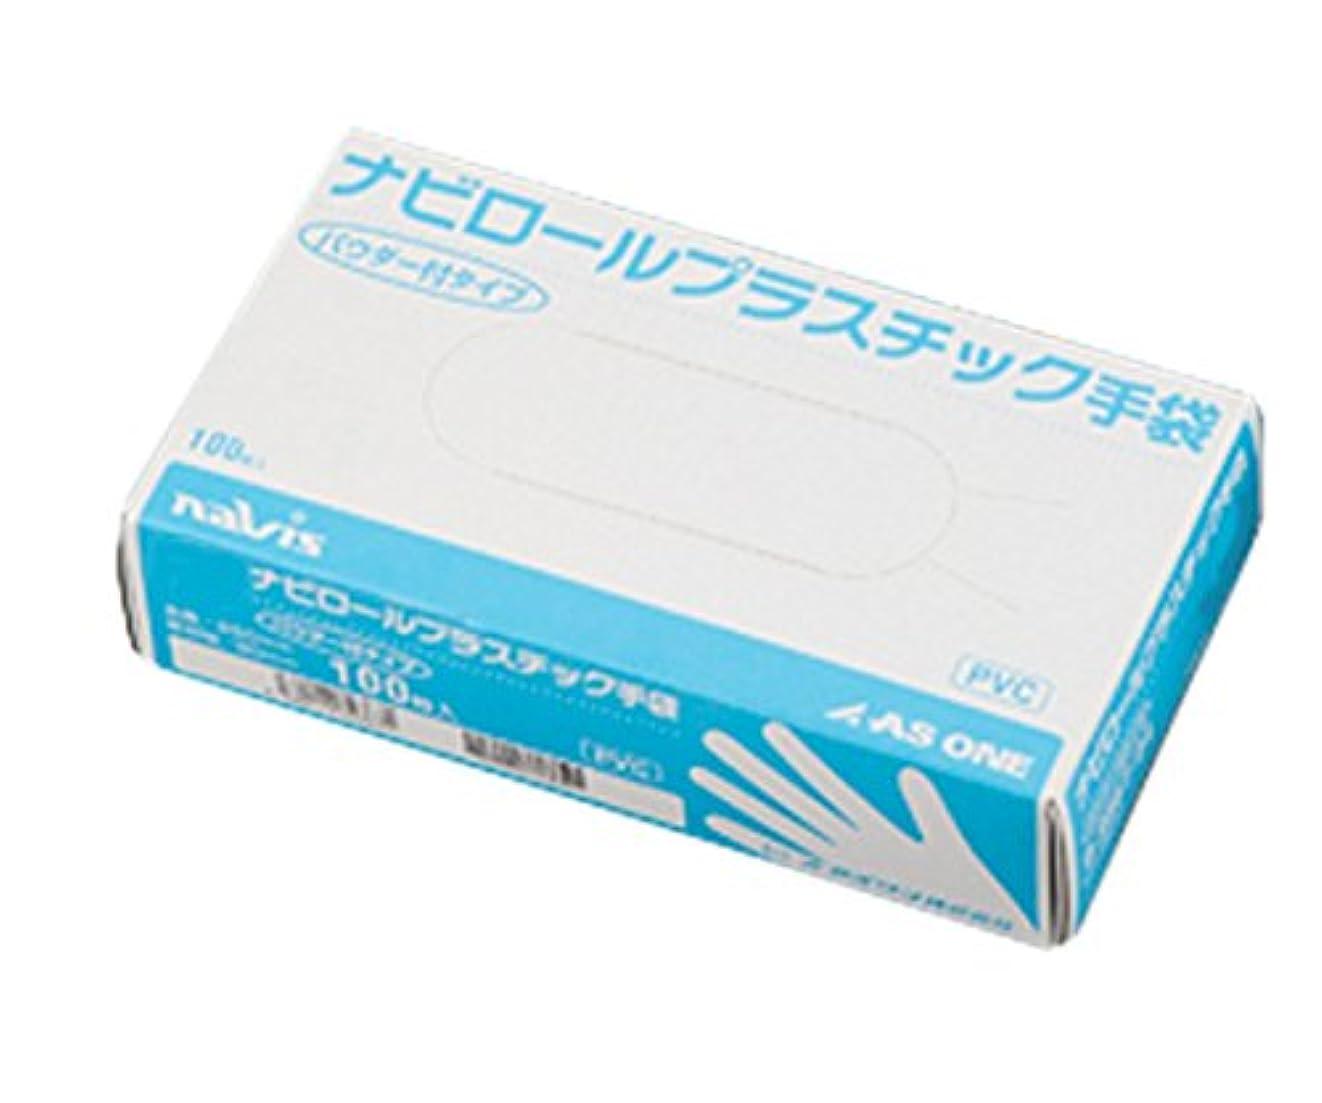 インターネットマダム下アズワン ナビロールプラスチック手袋(パウダー付き) M 100枚入